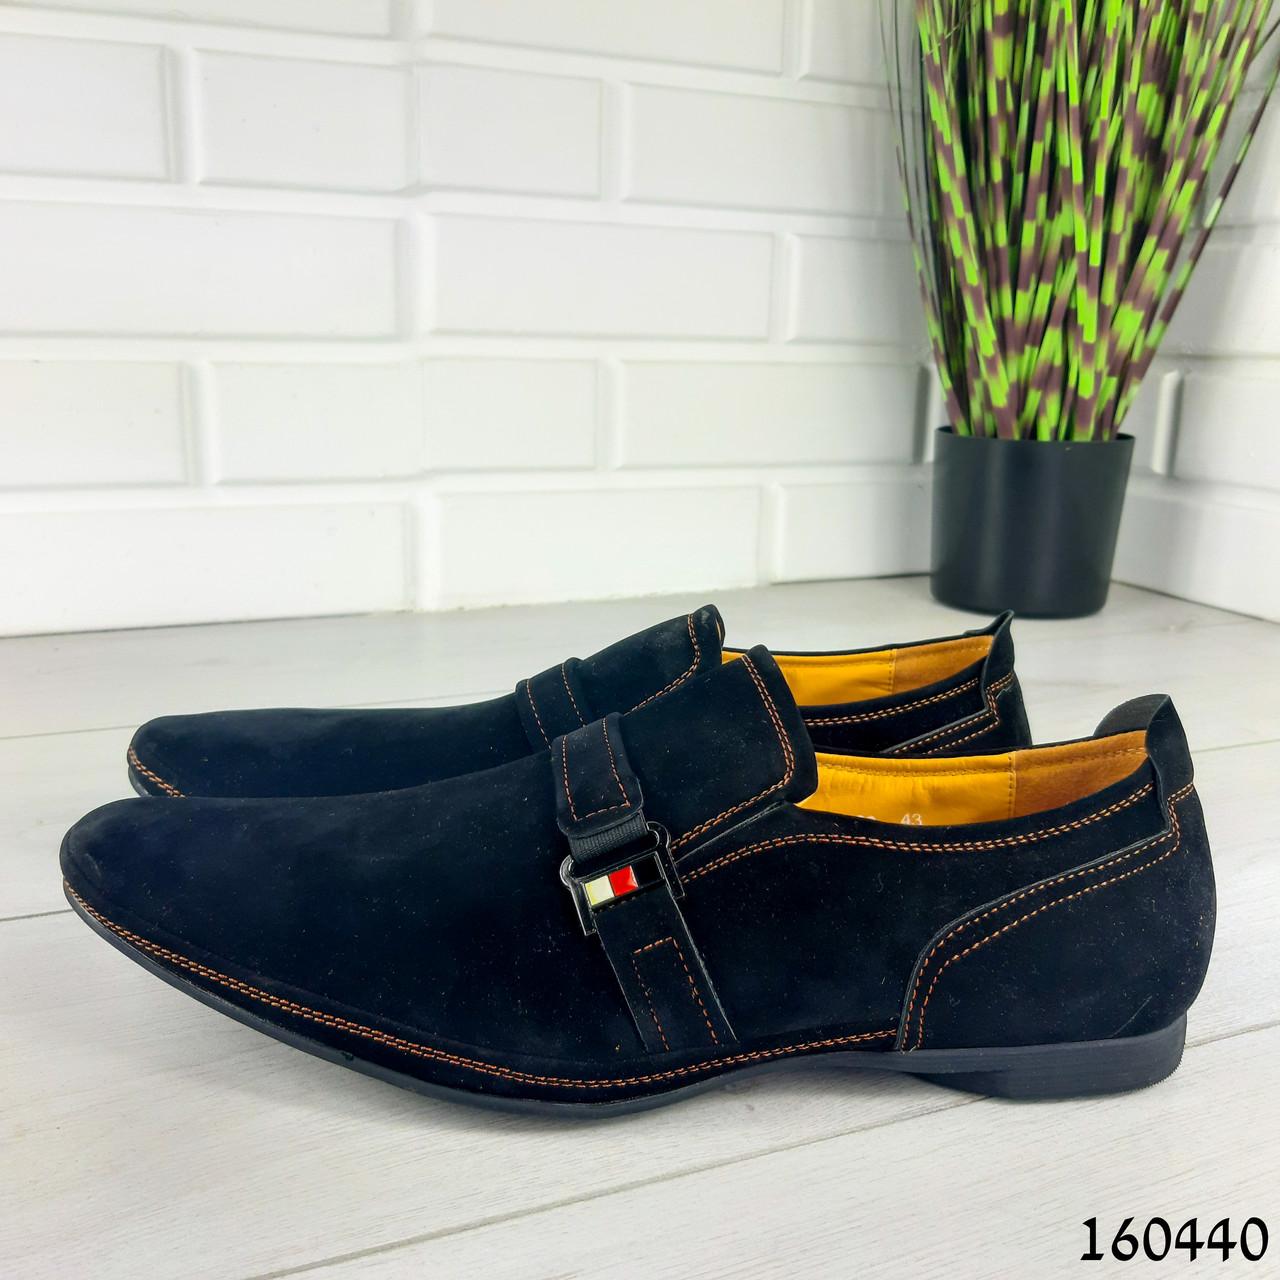 Туфлі чоловічі чорні еко замша, мокасини чоловічі, взуття повсякденне чоловіче